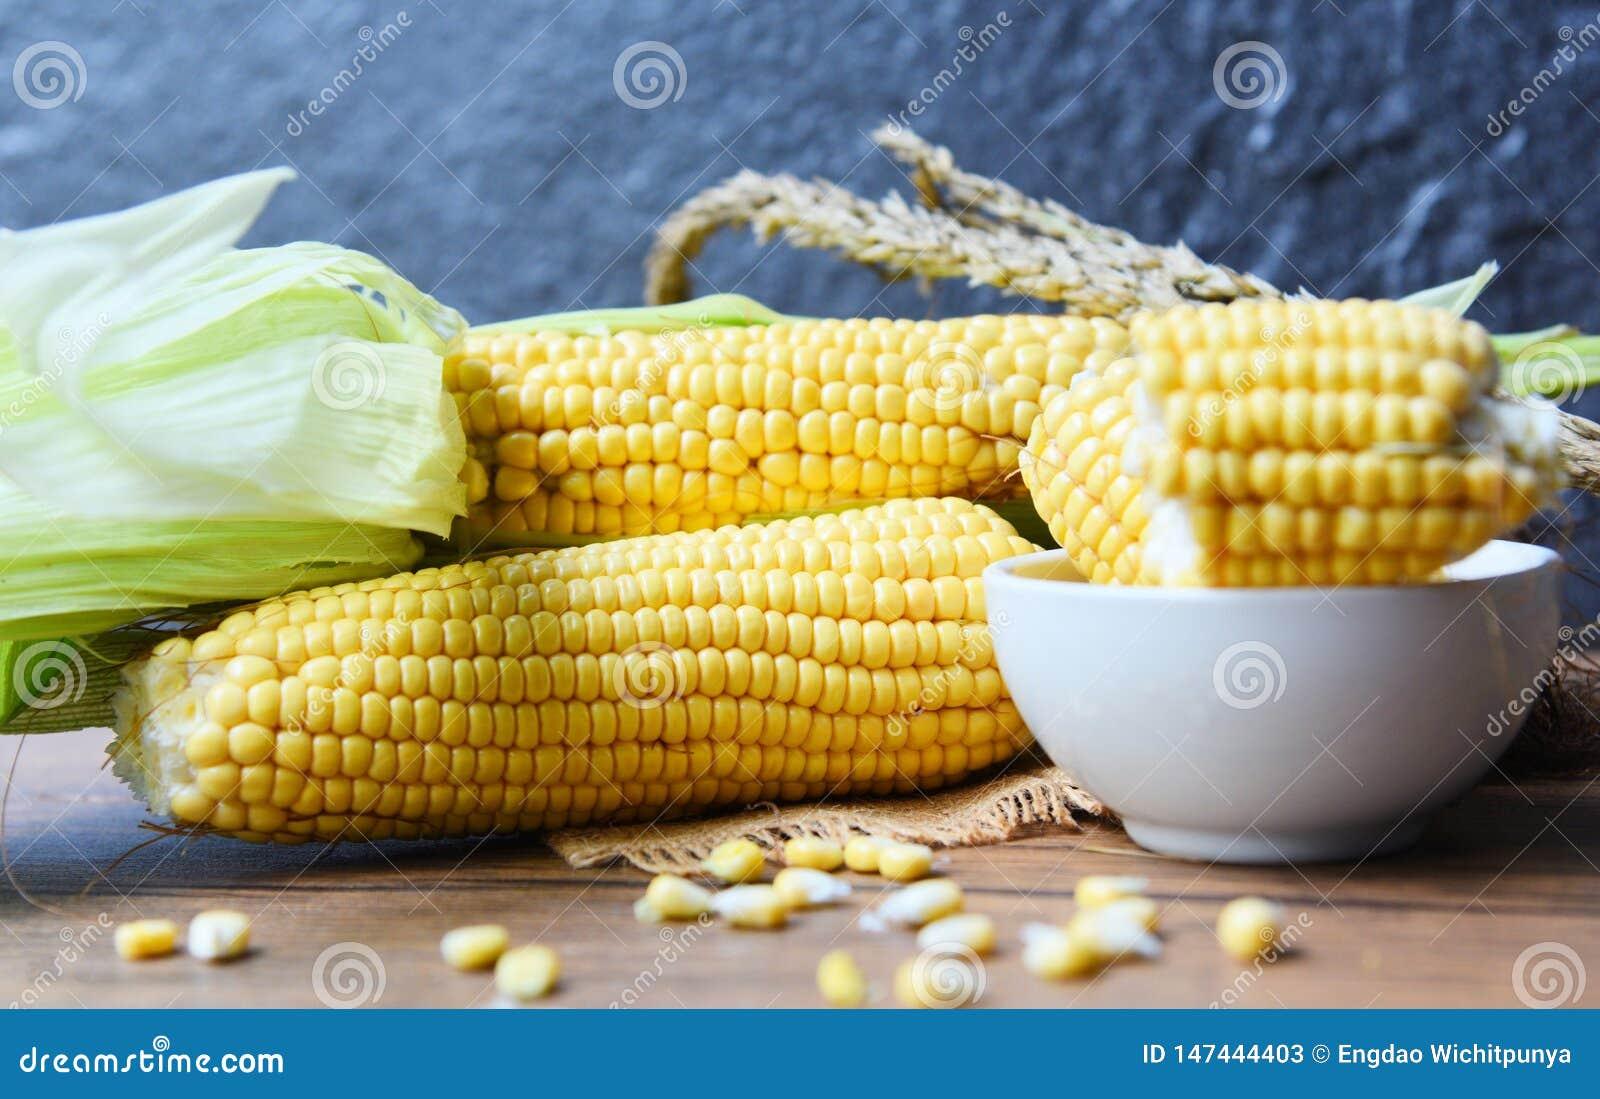 Ny havre p? majskolvar och majs?ron p? lantlig tr?tabellbakgrund